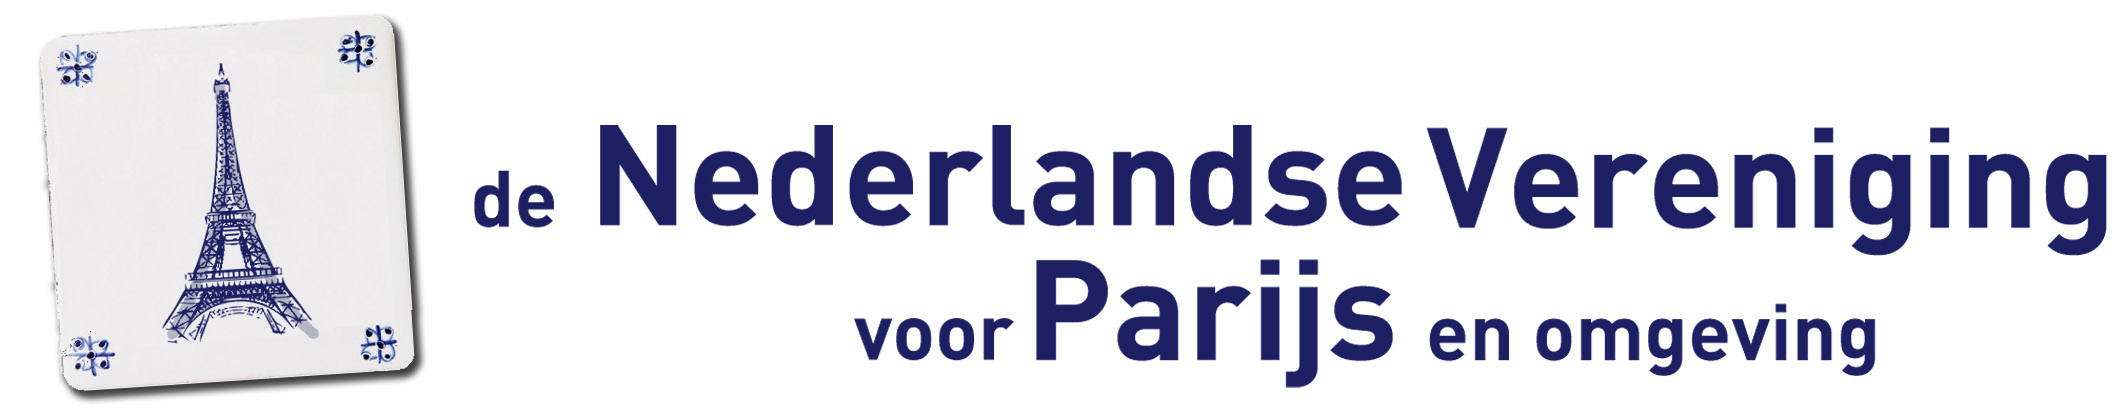 De Nederlandse Vereniging voor Parijs